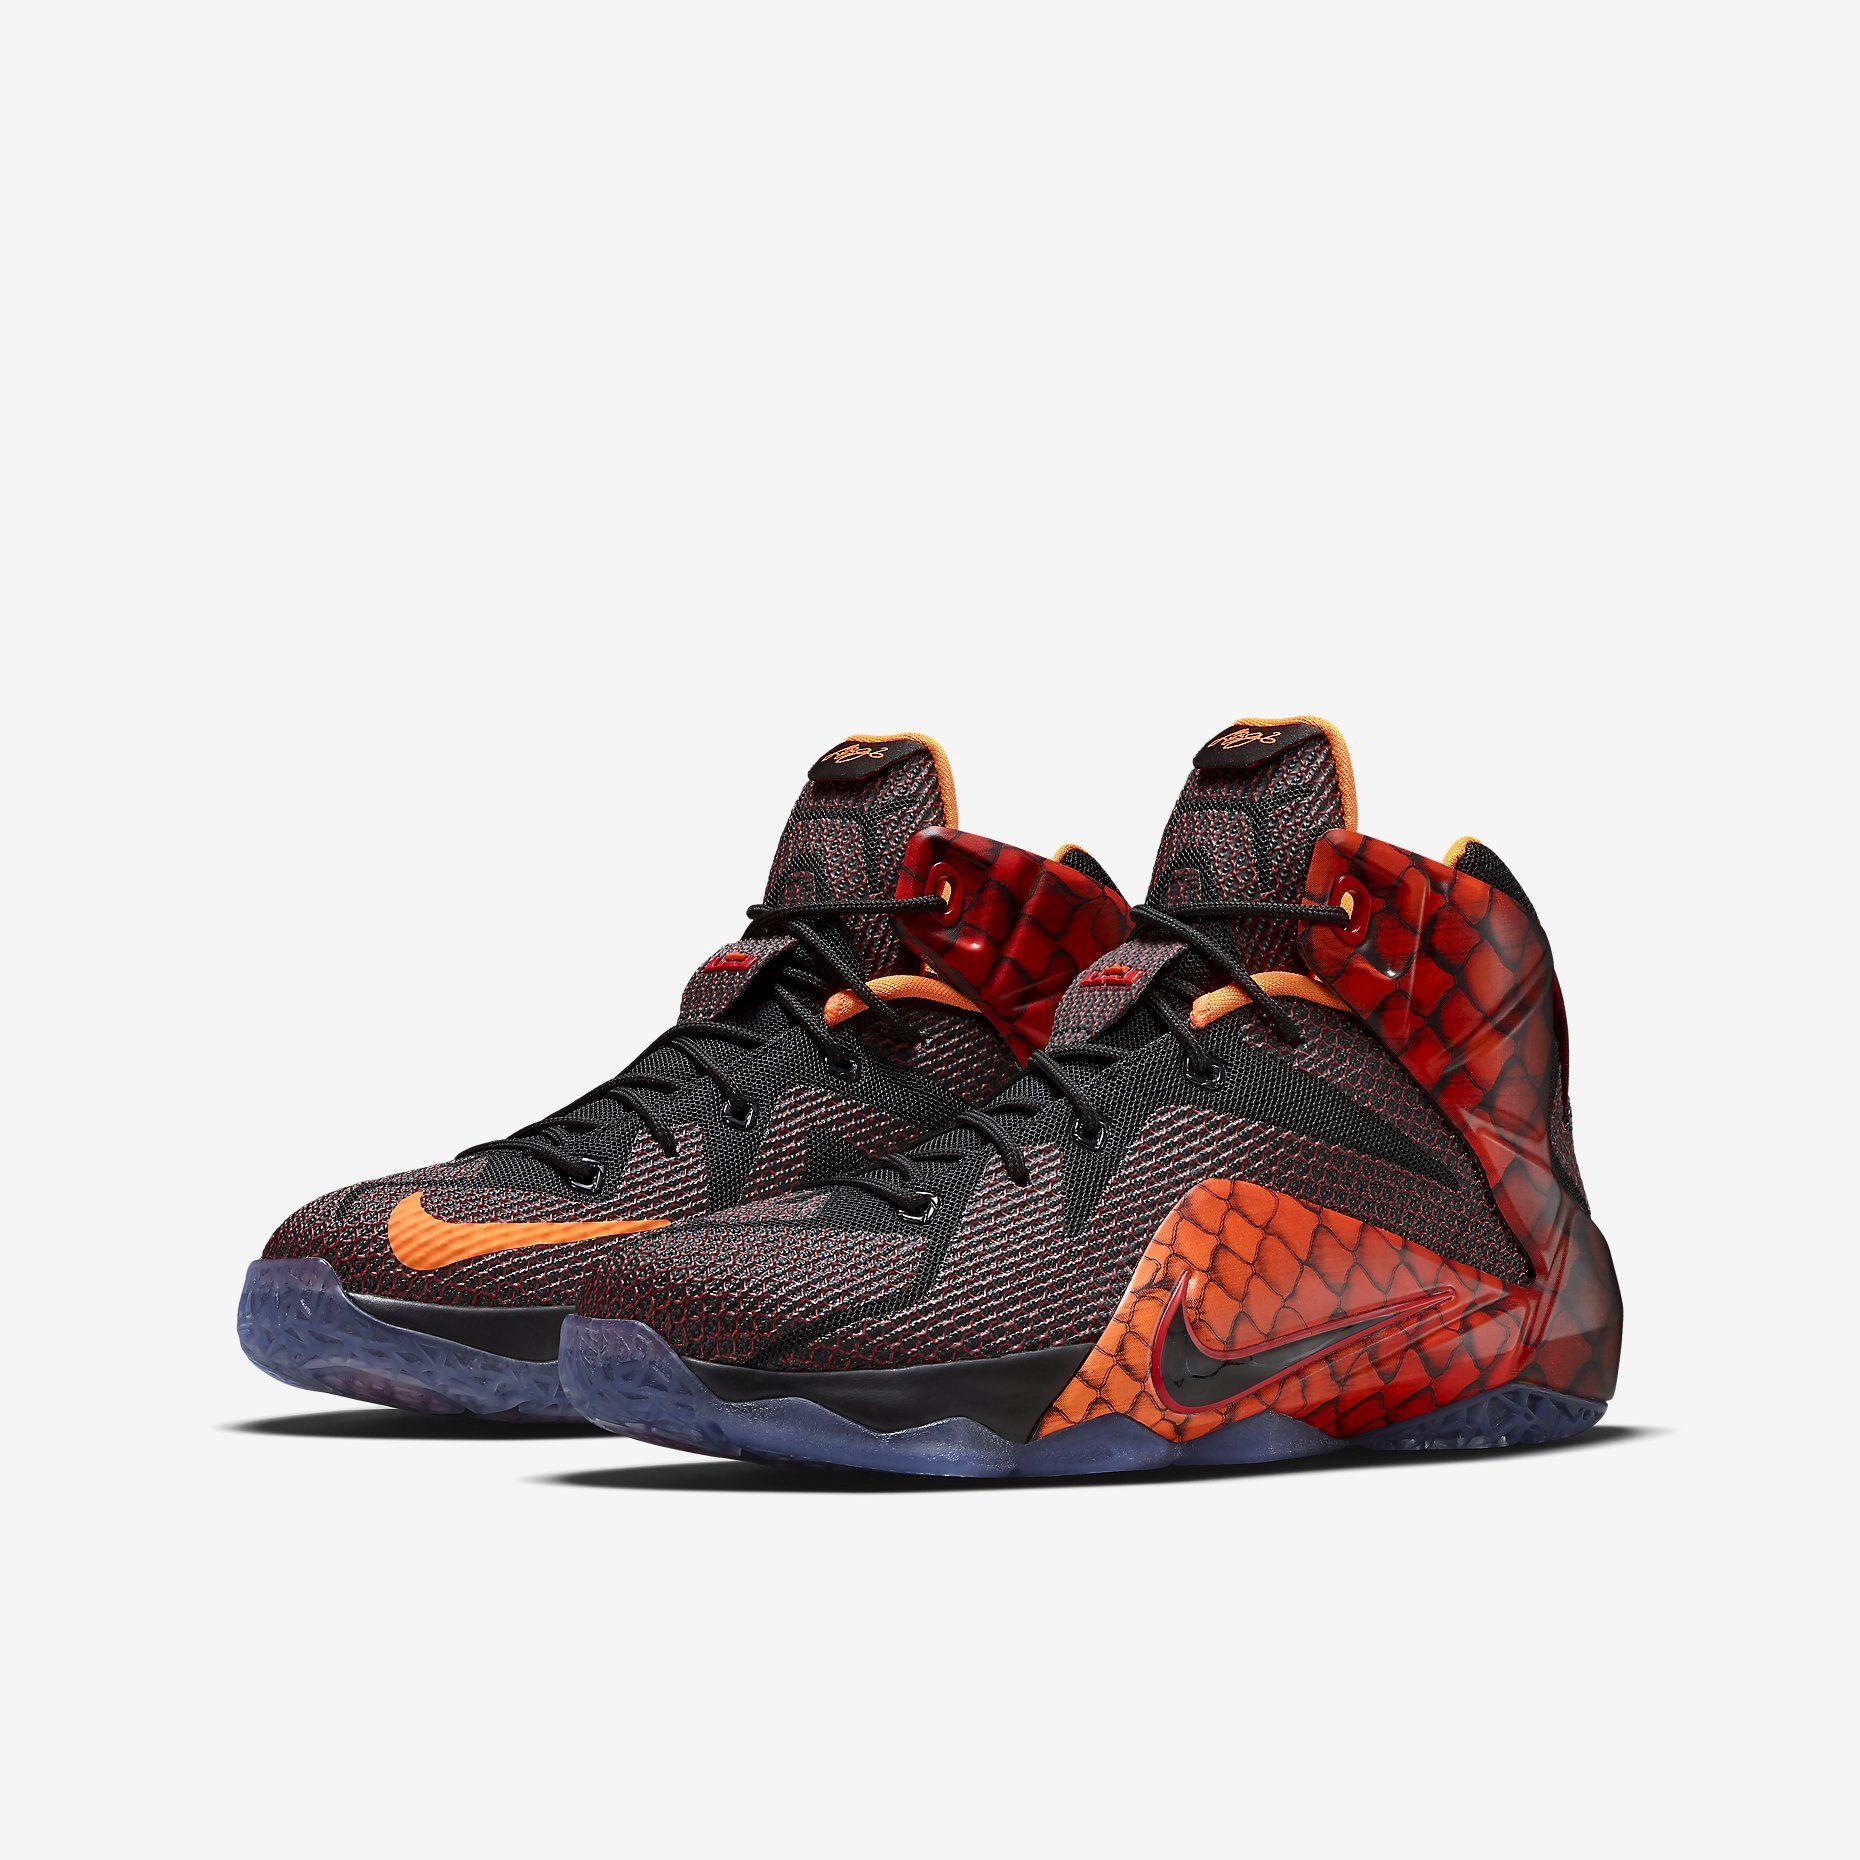 ebf30af4a34d Nike LeBron 12 Kids